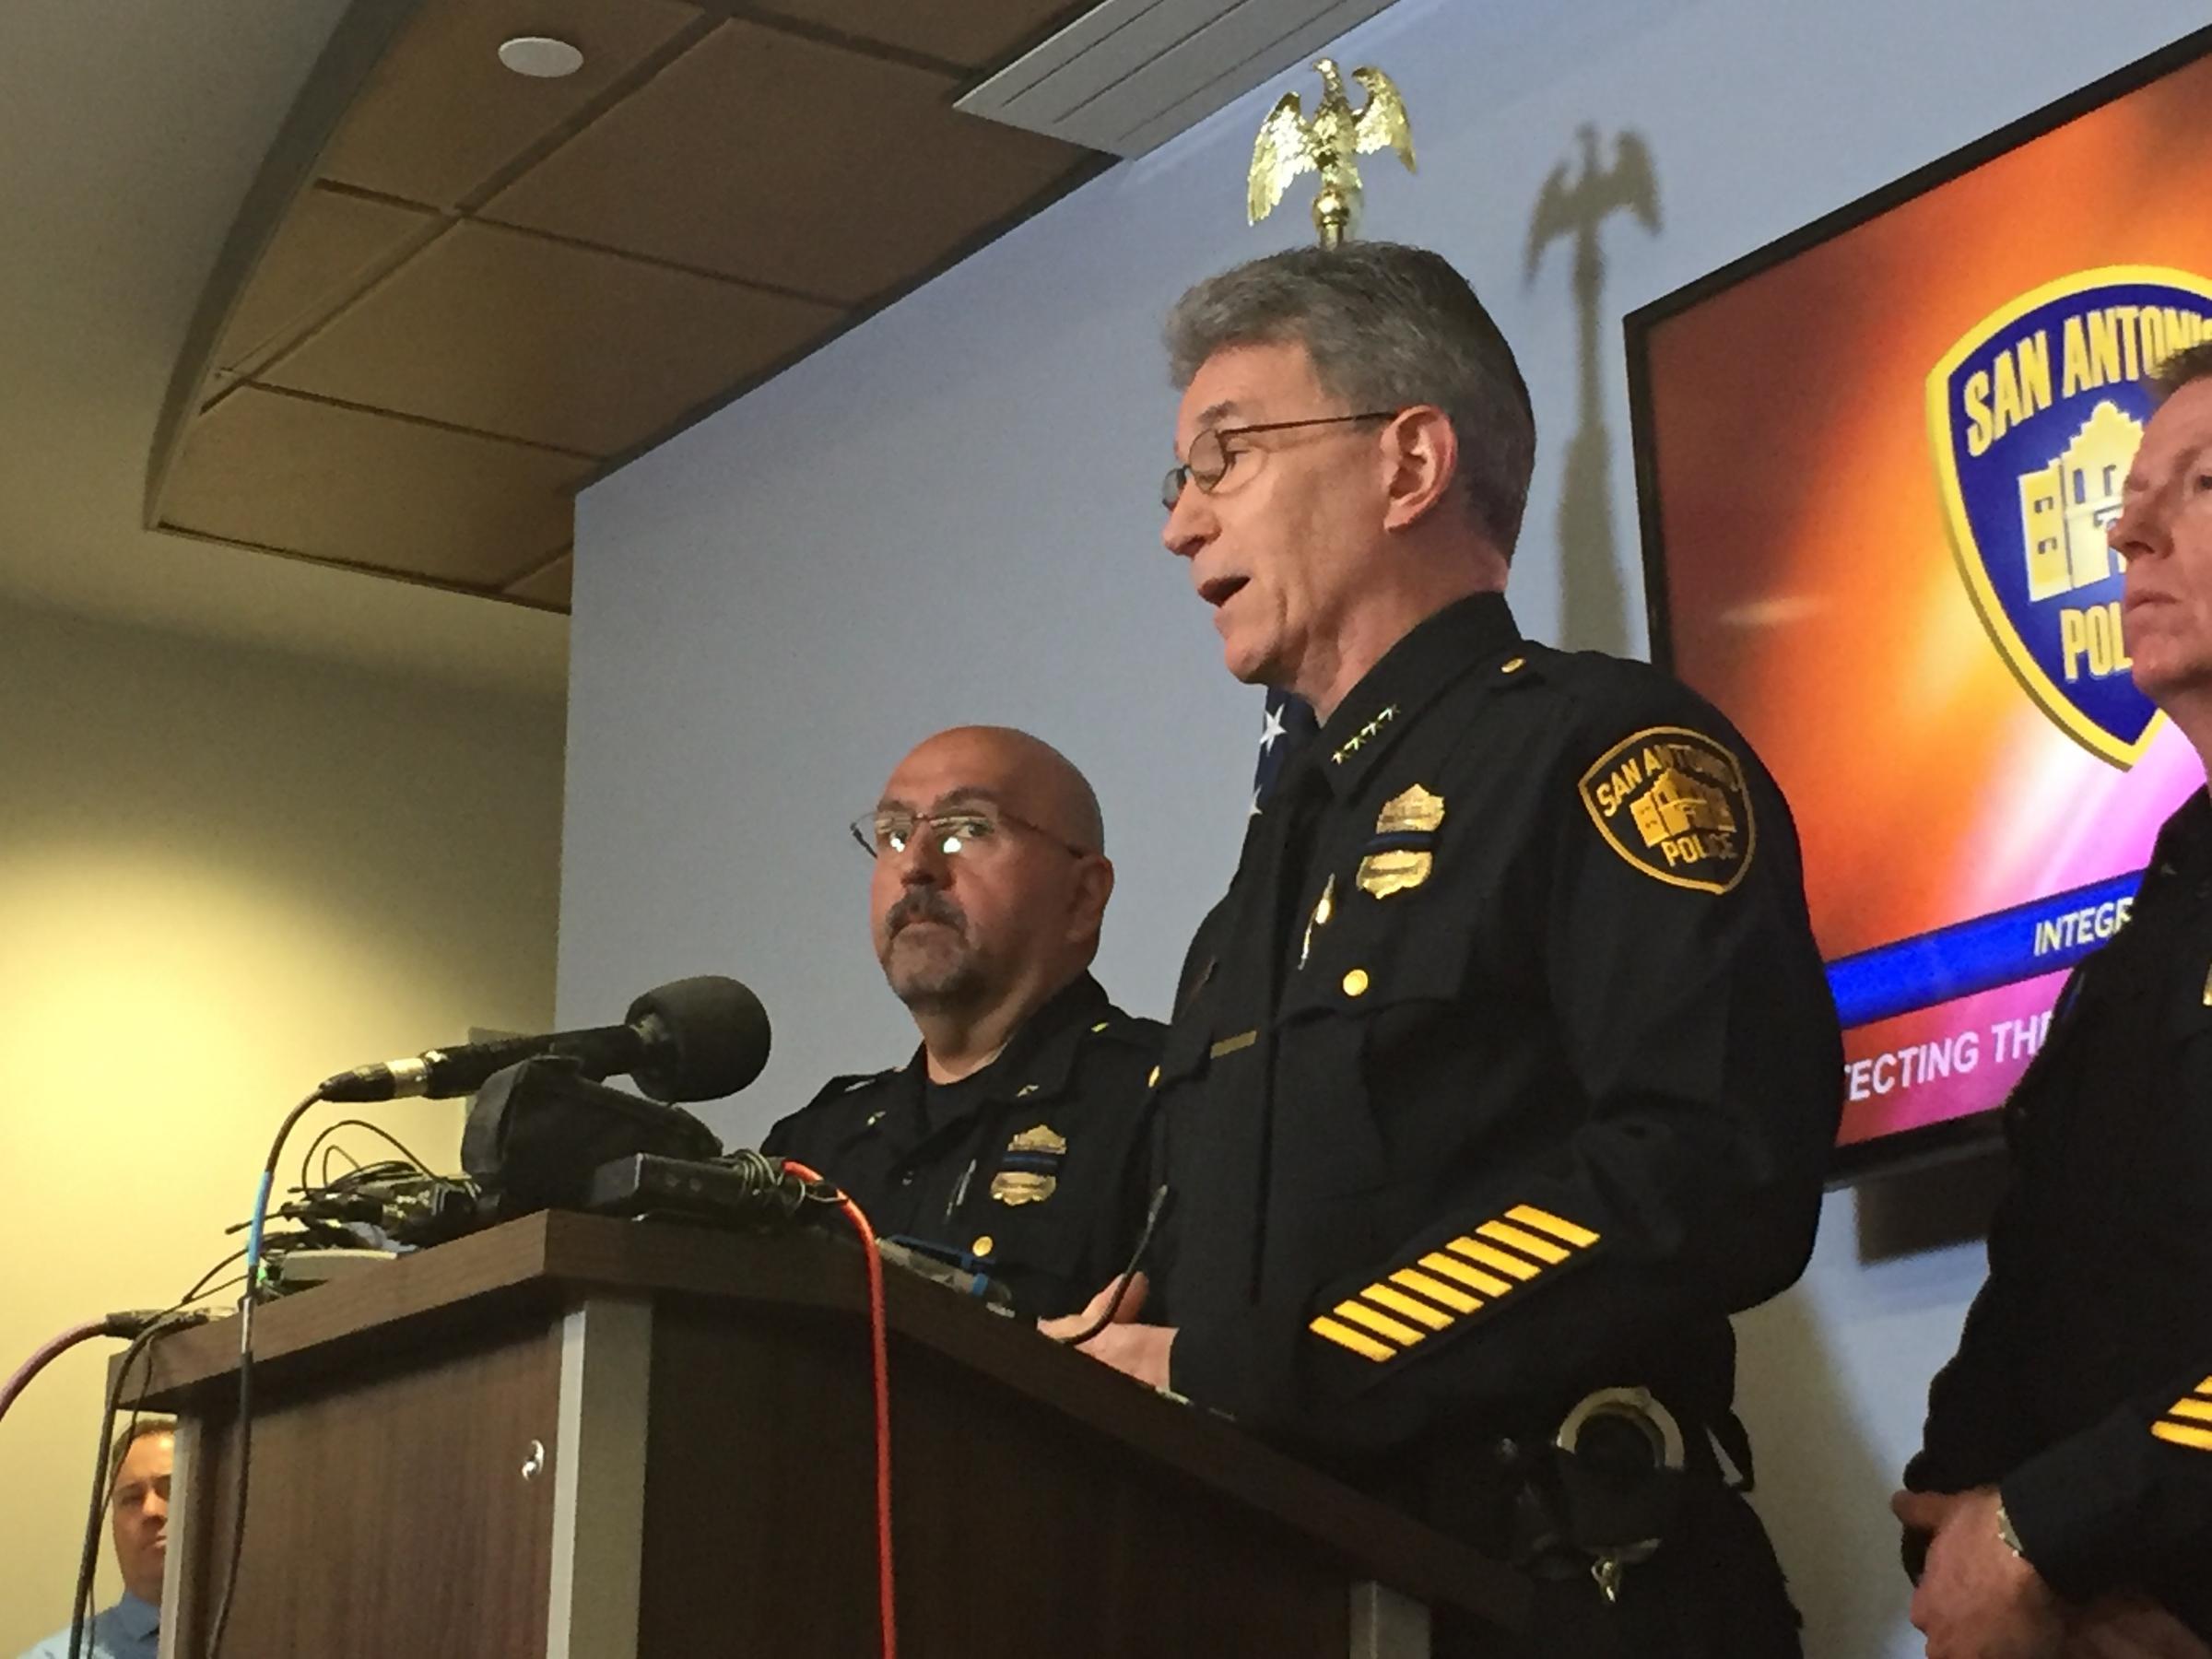 Suspect in fatal police shooting upset over custody battle